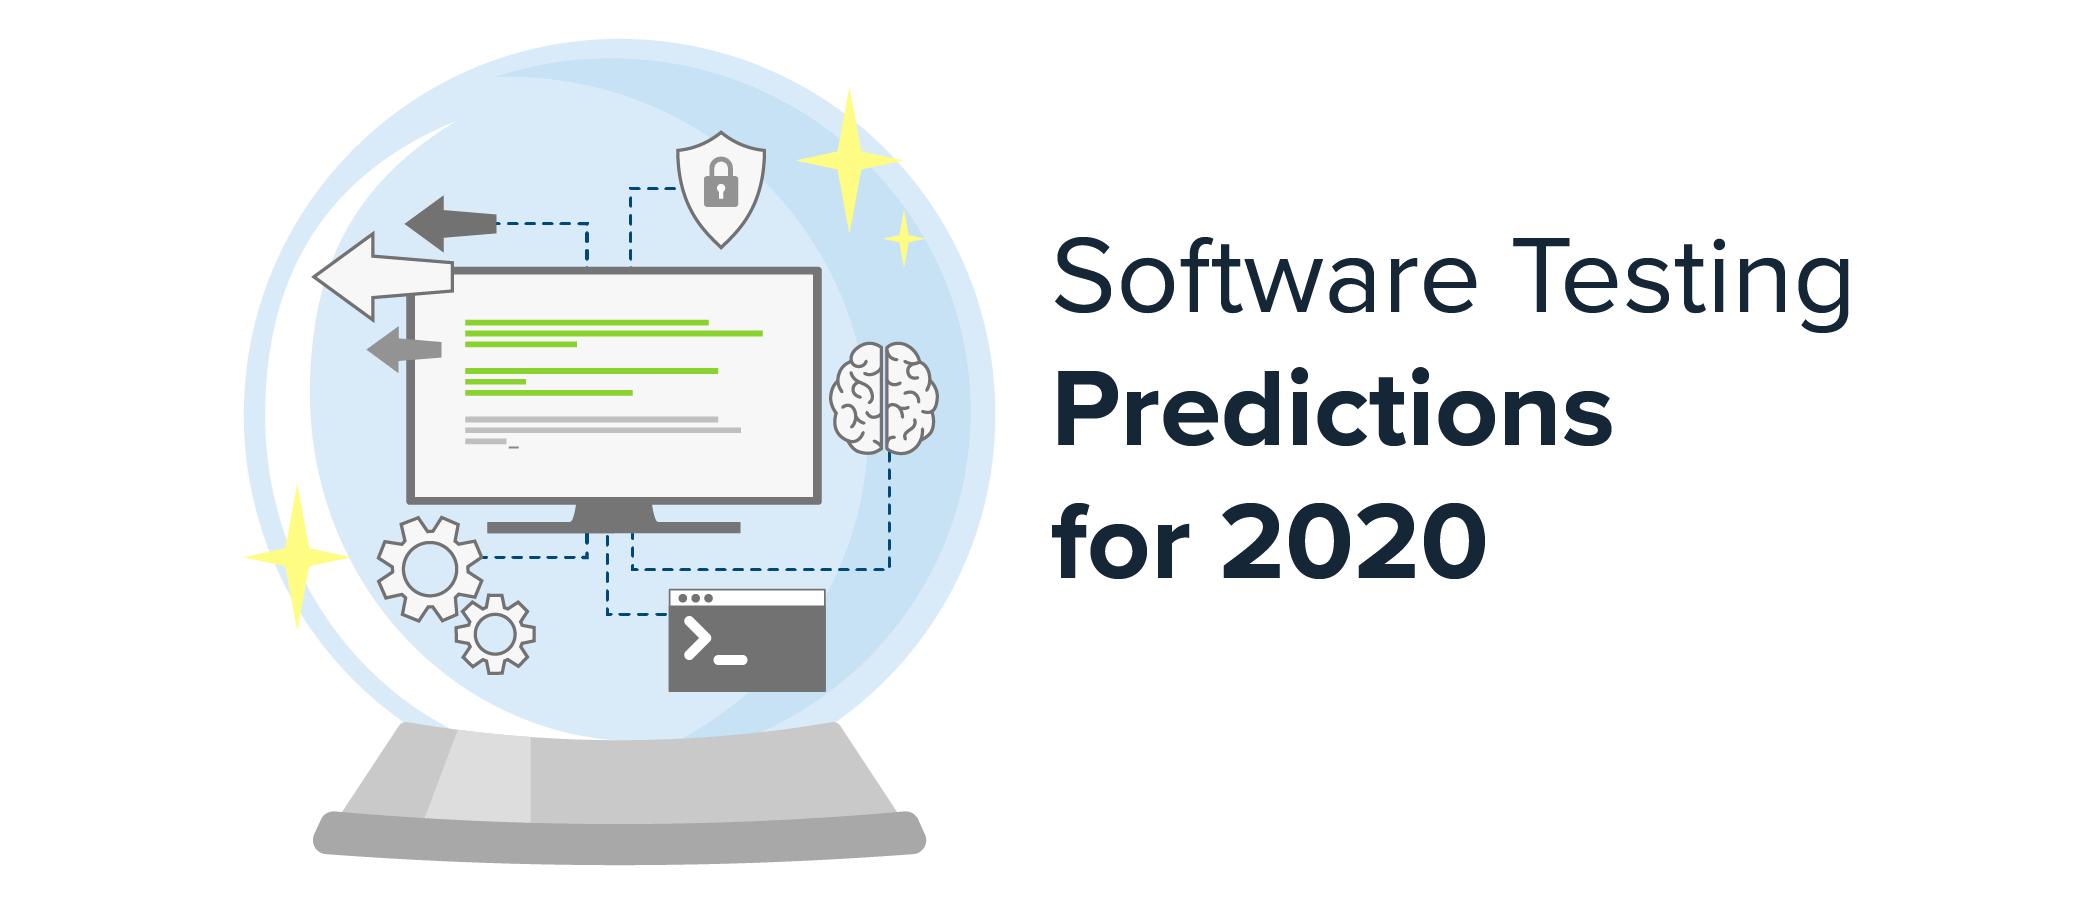 Los expertos de la industria brindan sus predicciones de pruebas de software para 2020